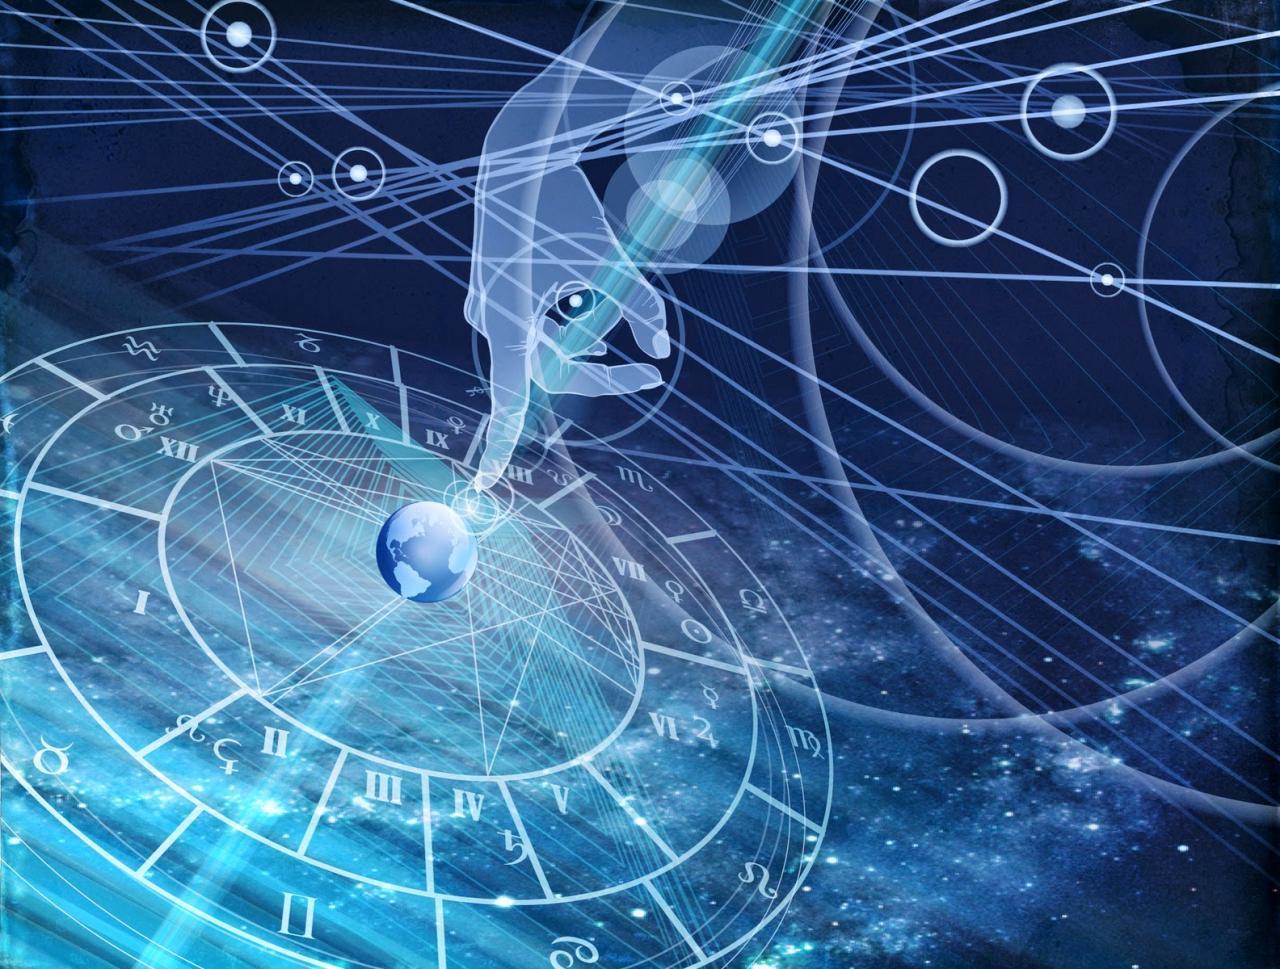 YIVZ6E - Viviendo en un Holograma 2 : La trampa en la Reencarnación.